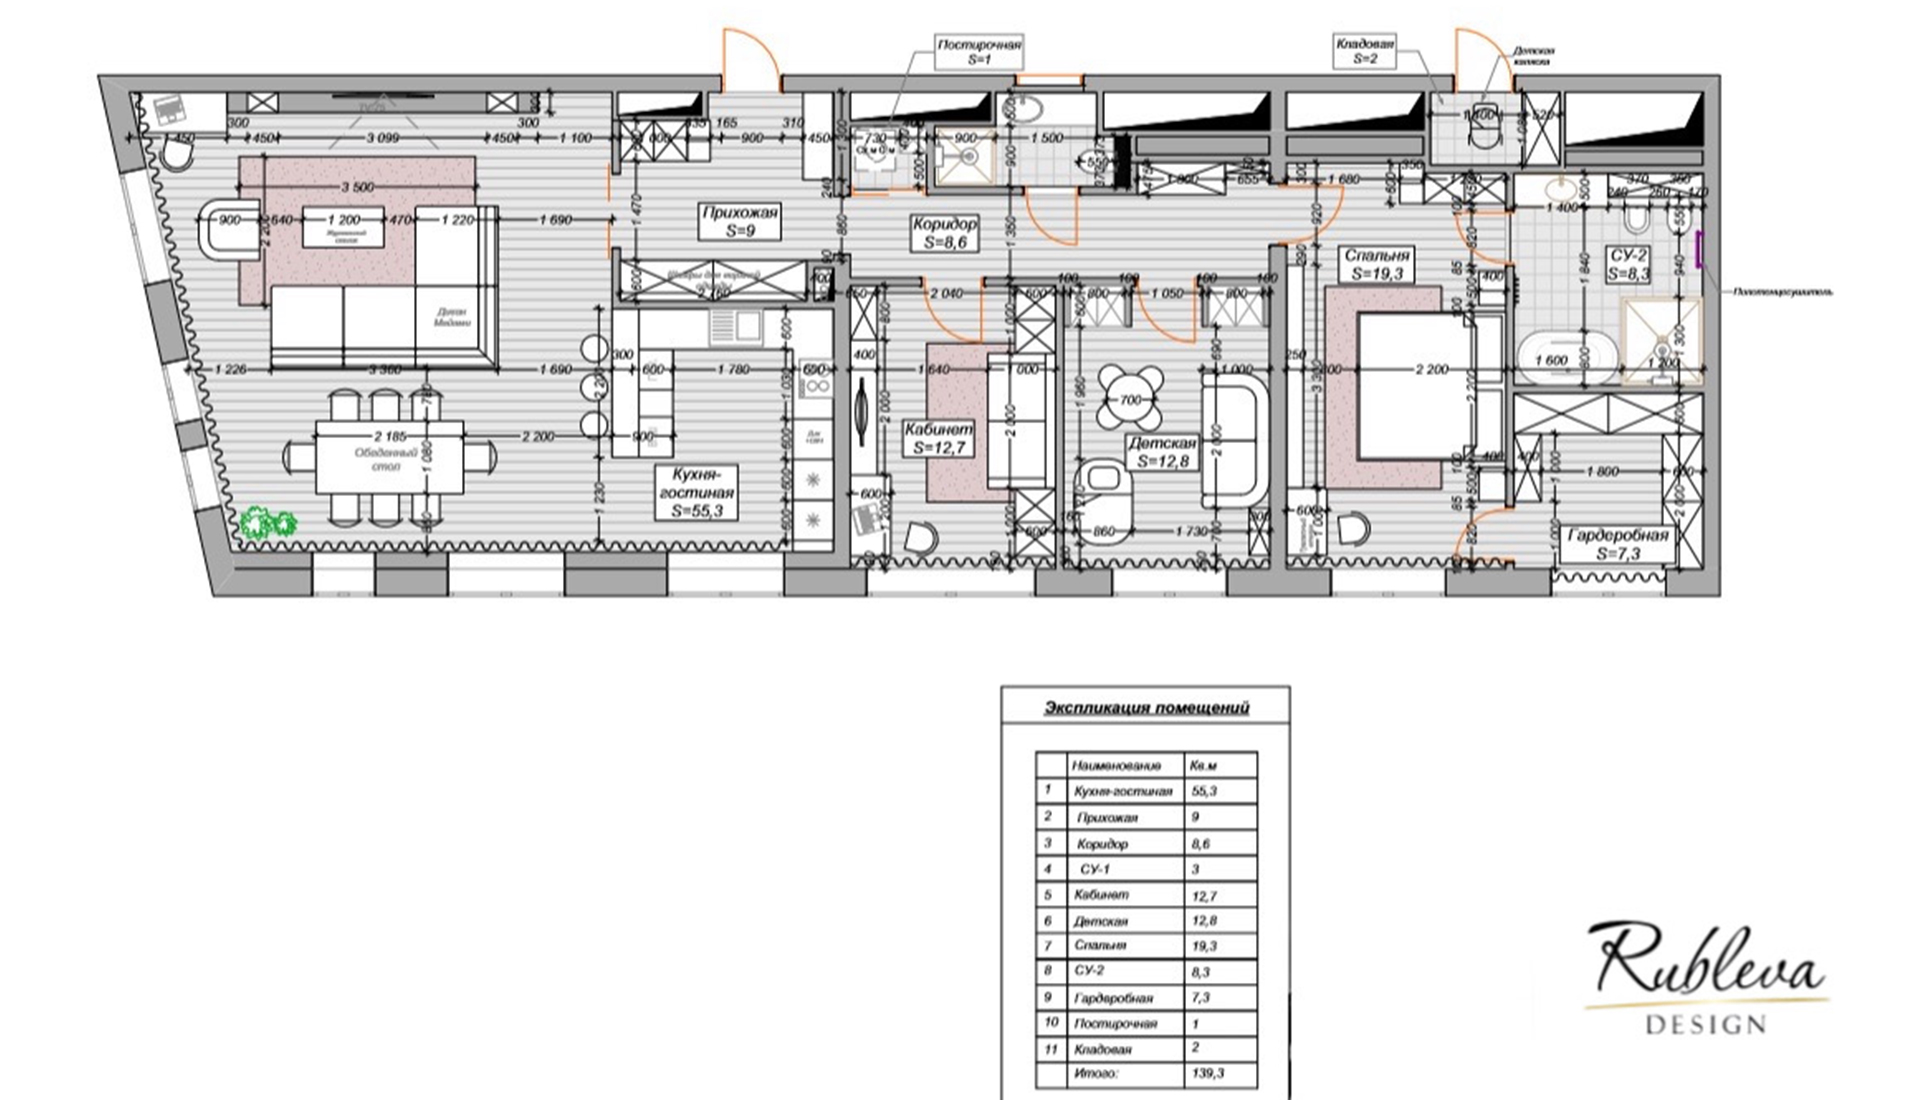 Планировка квартиры 140 кв. м фото